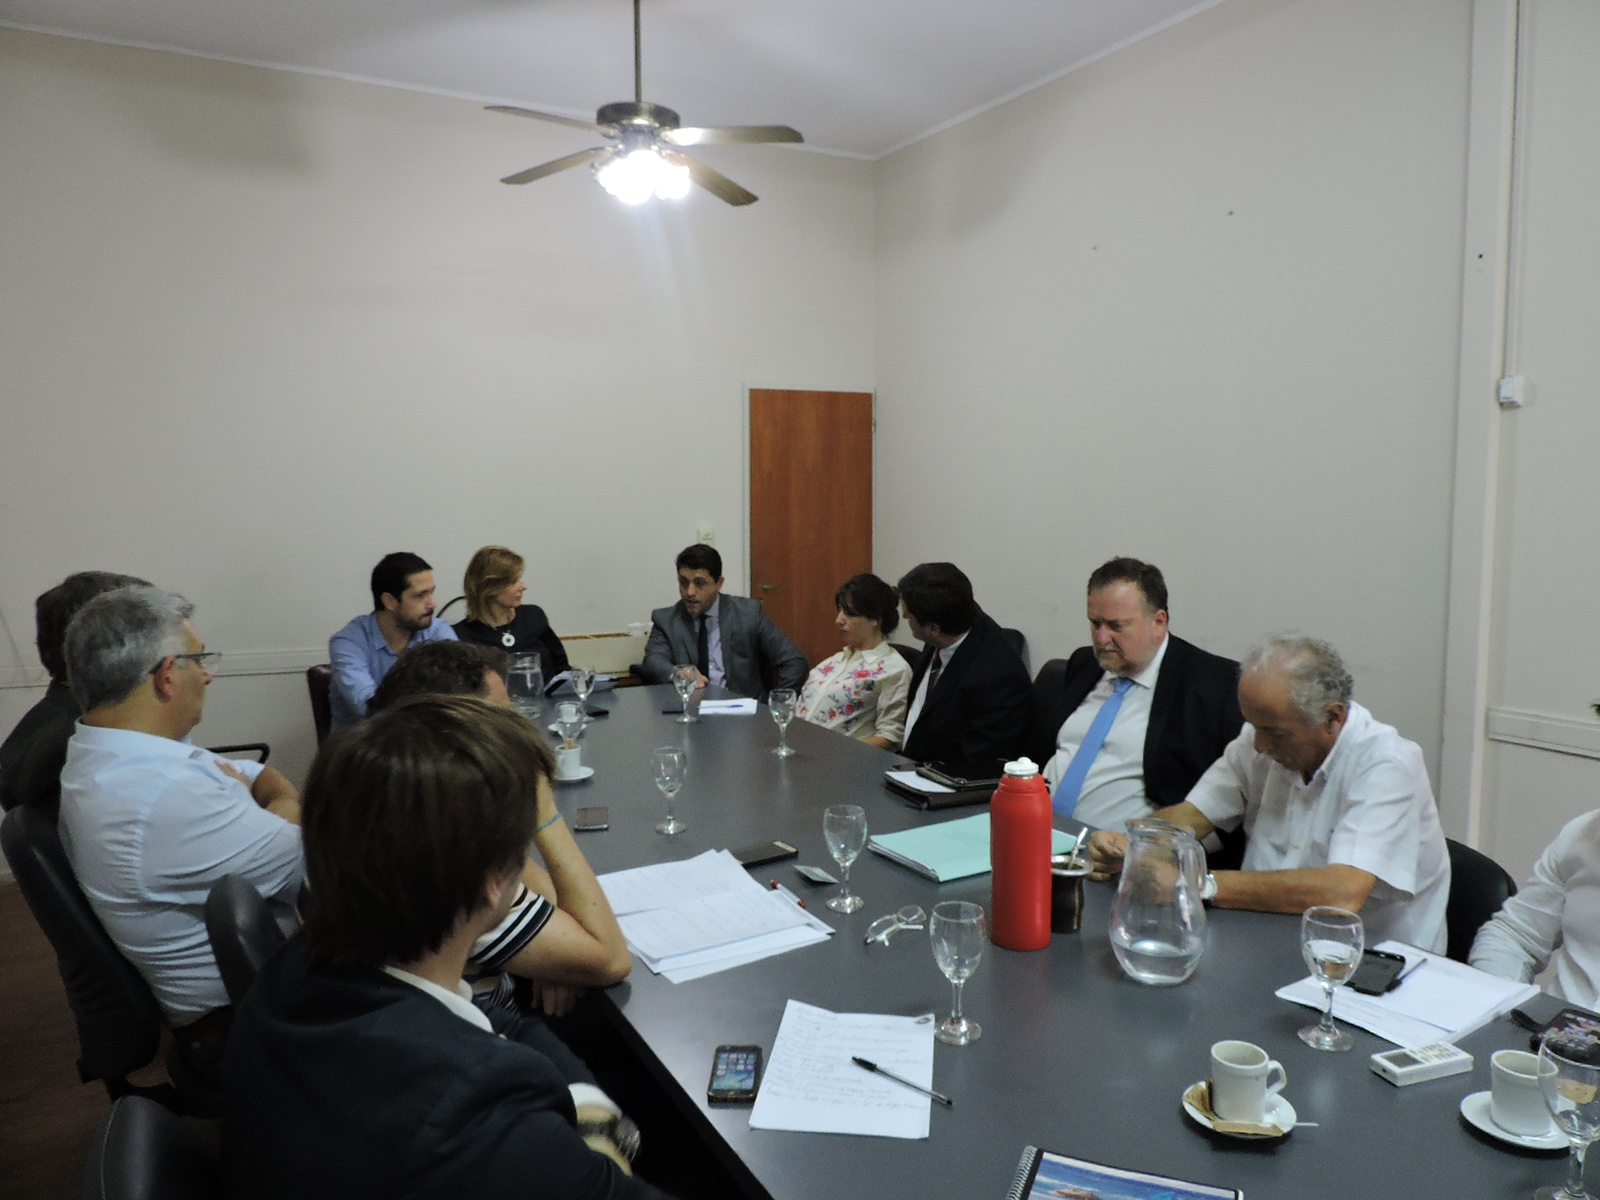 Saintout y otros legisladores kirchneristas analizaron con juristas los proyectos de reforma judicial de Vidal